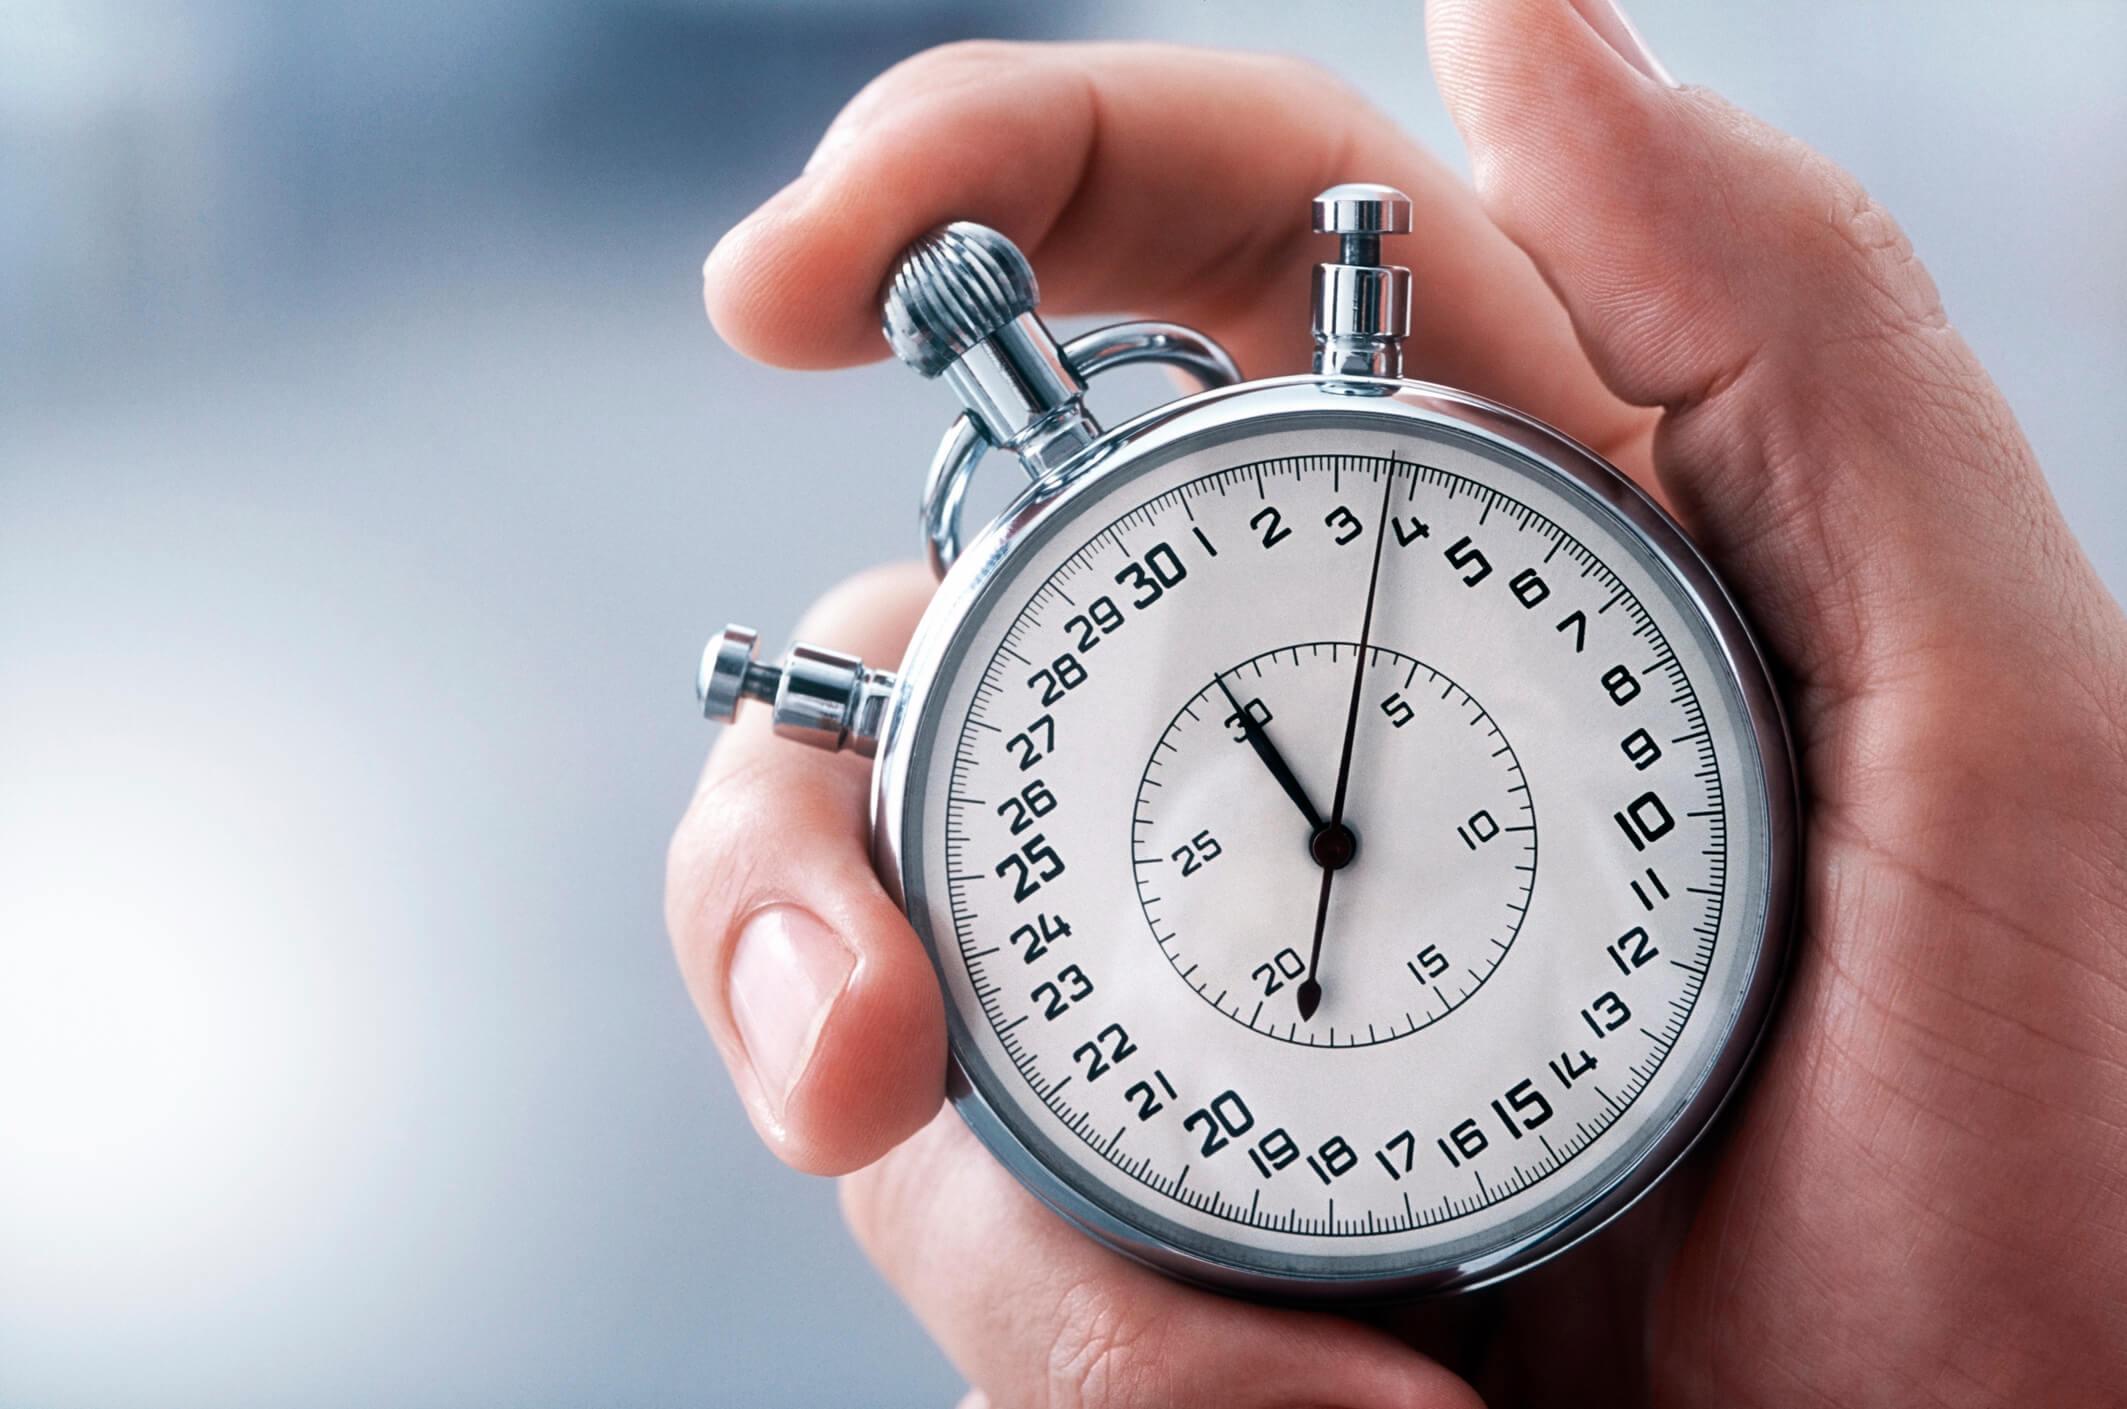 Gerenciamento de tempo: confira 5 dicas para aplicar no dia a dia